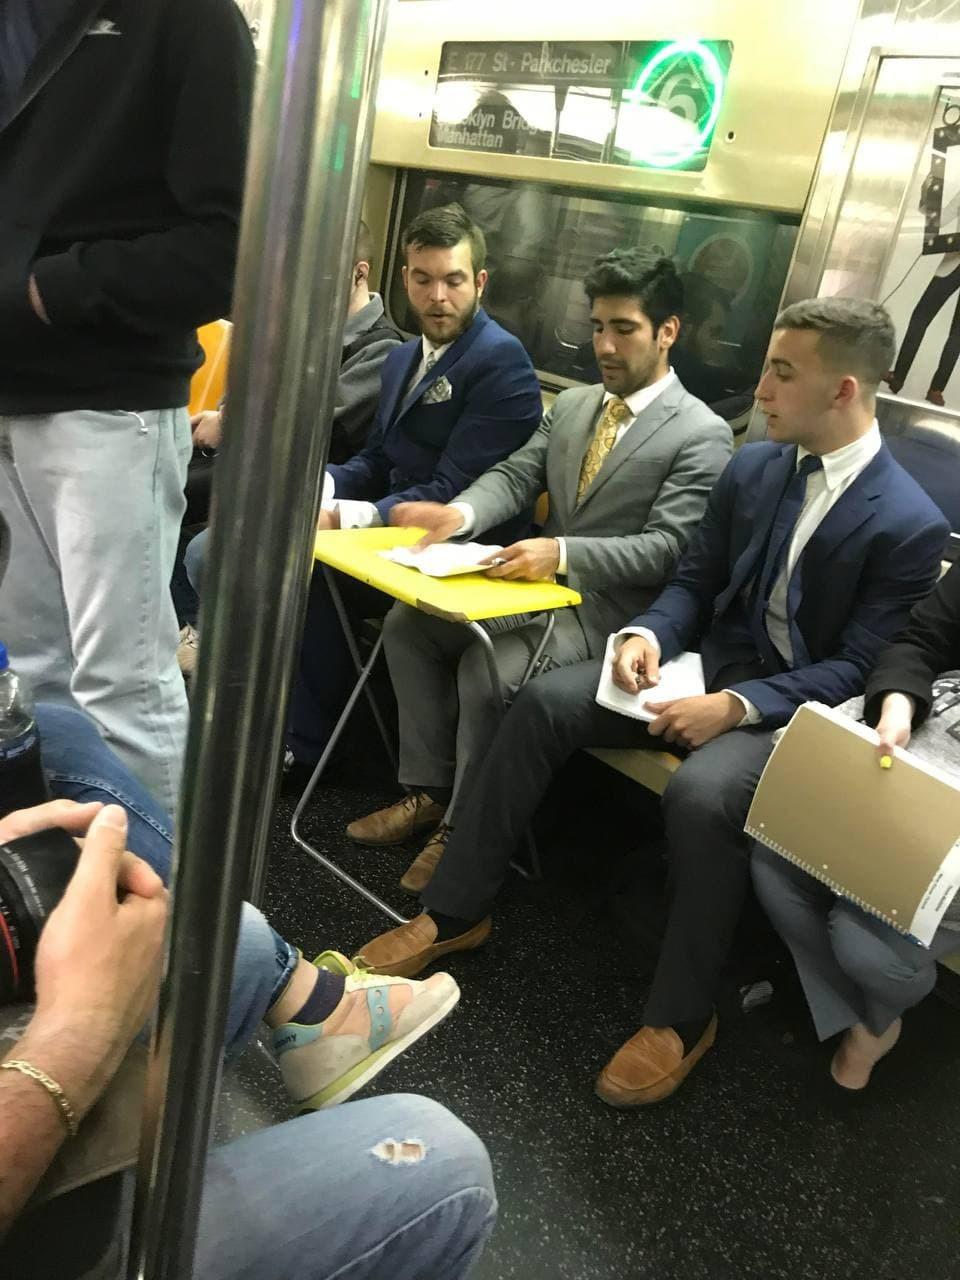 Bộ sưu tập những hình ảnh 'không tưởng' trên tàu điện ngầm ở Mỹ